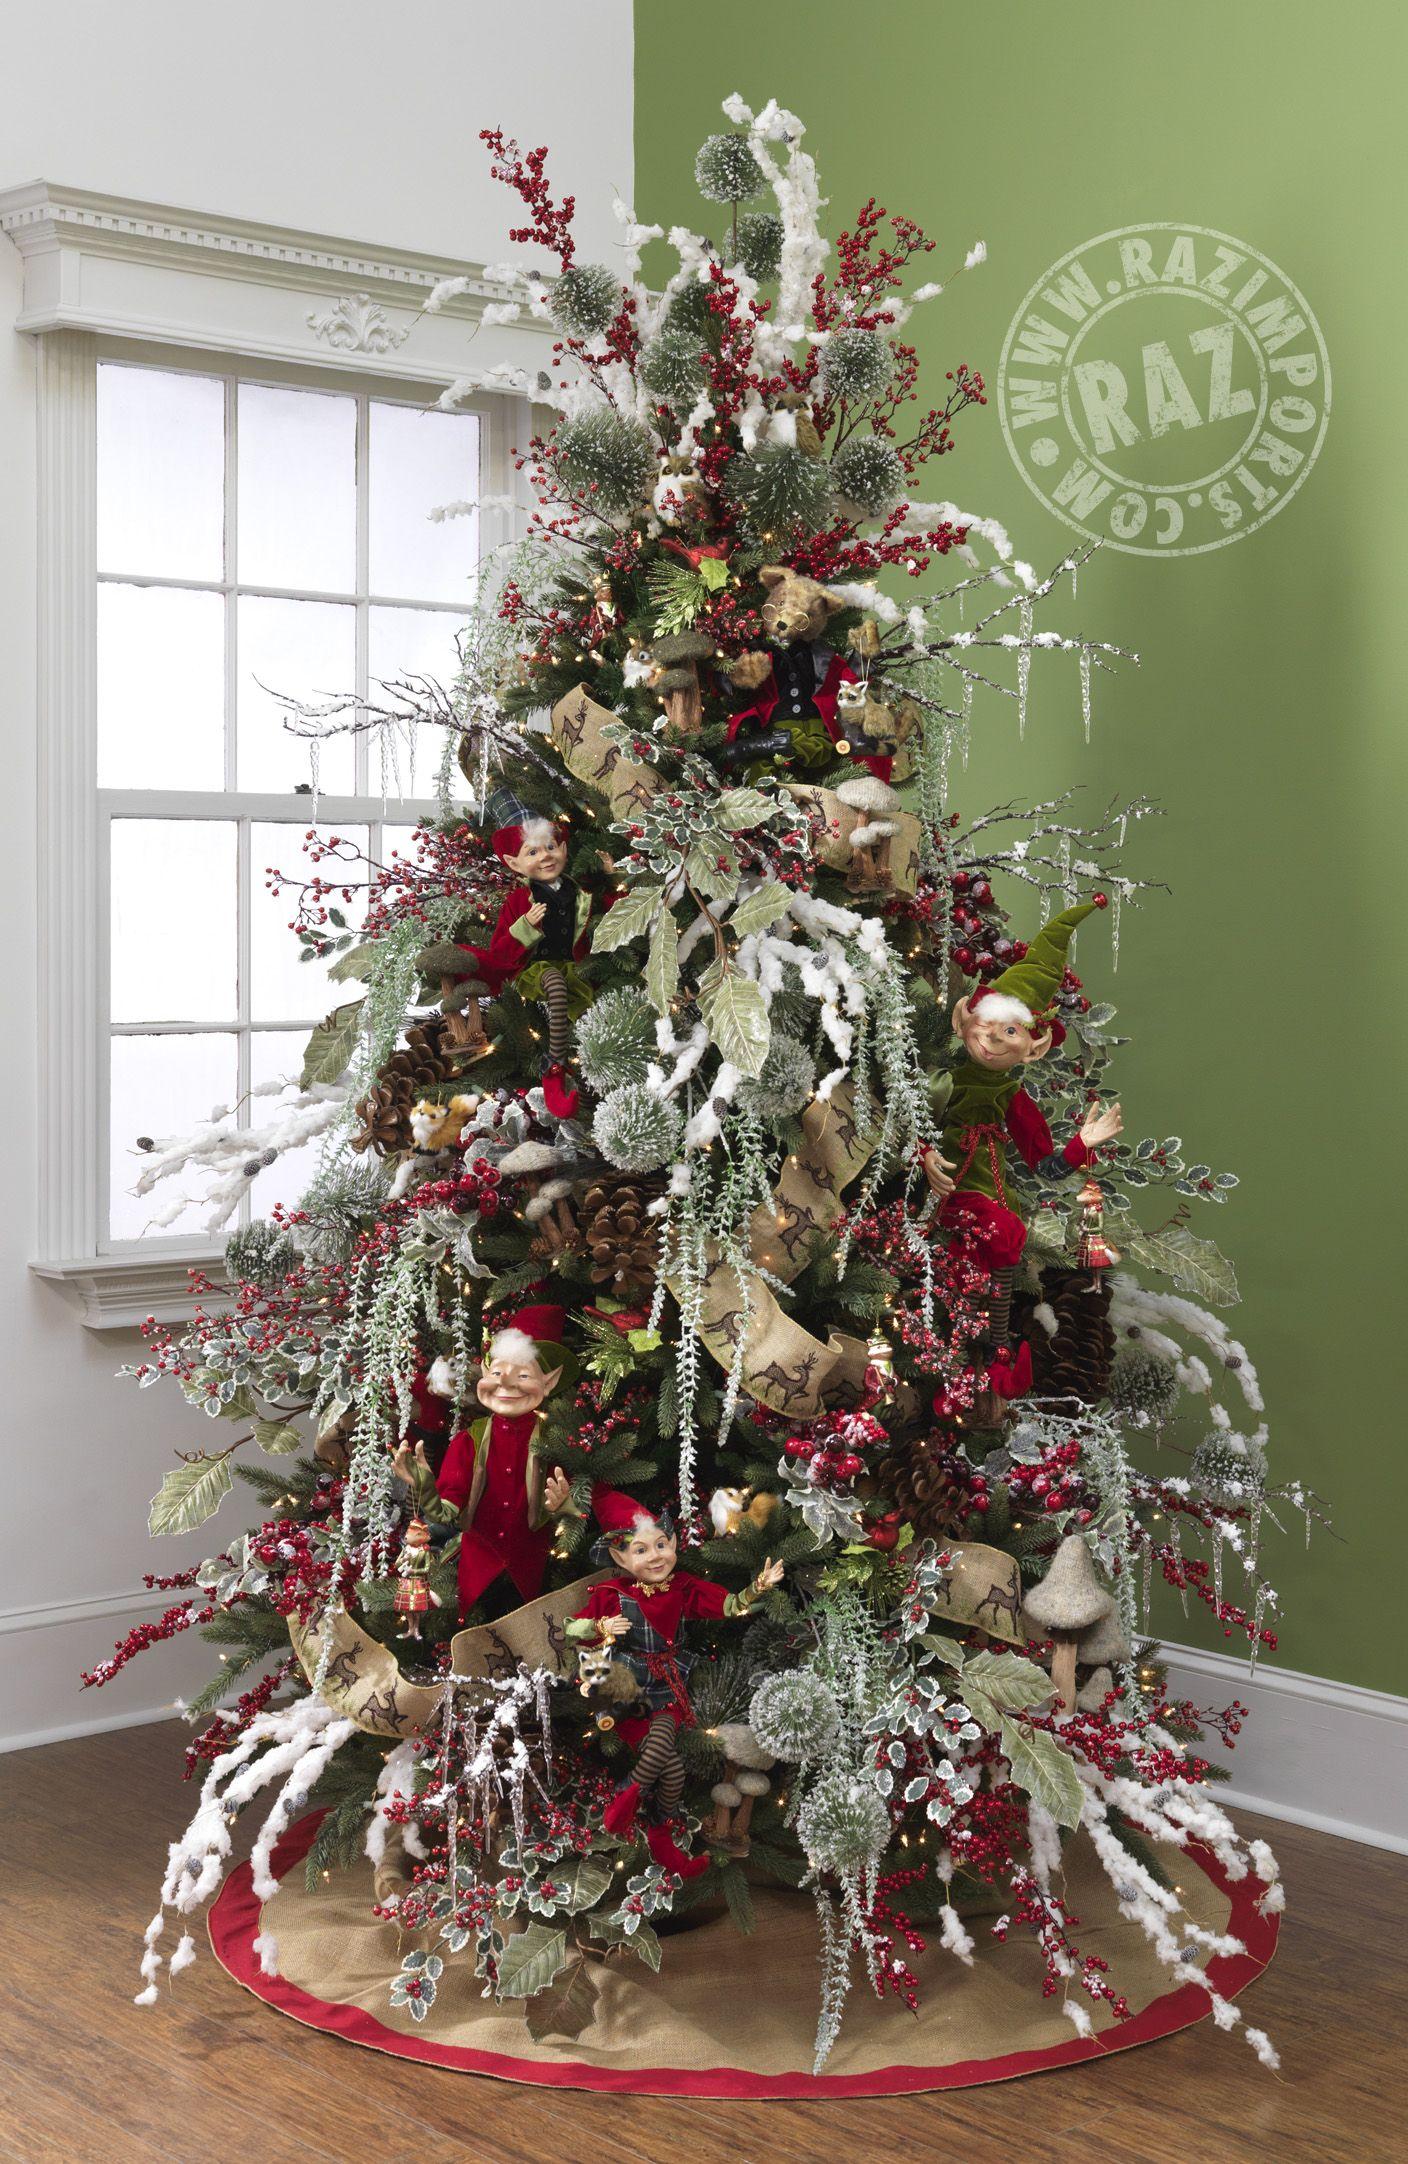 Raz Imports Seasonal Wholesale Importer Amazing Christmas Trees Christmas Tree Themes Christmas Tree